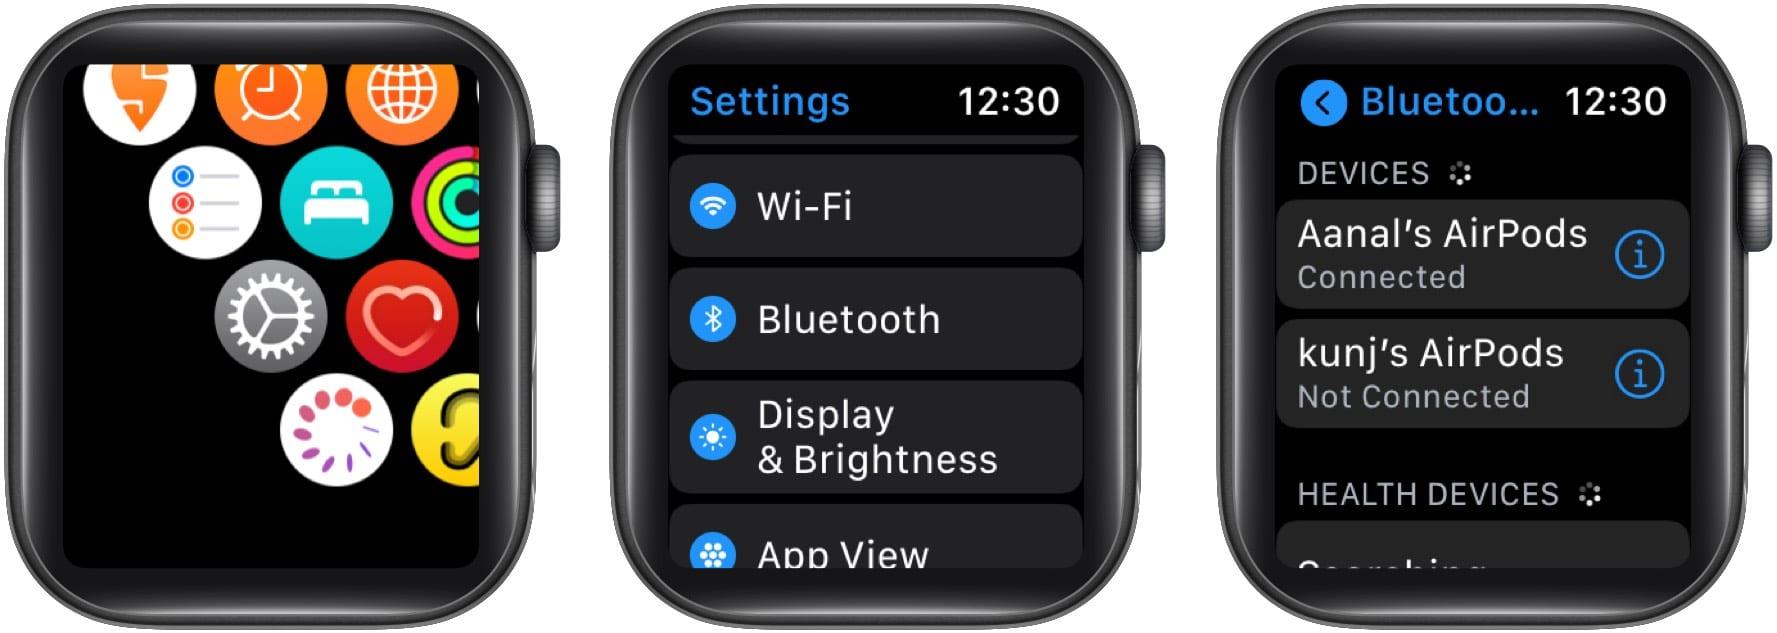 Schließen Sie Bluetooth-Kopfhörer an Ihre Apple Watch an